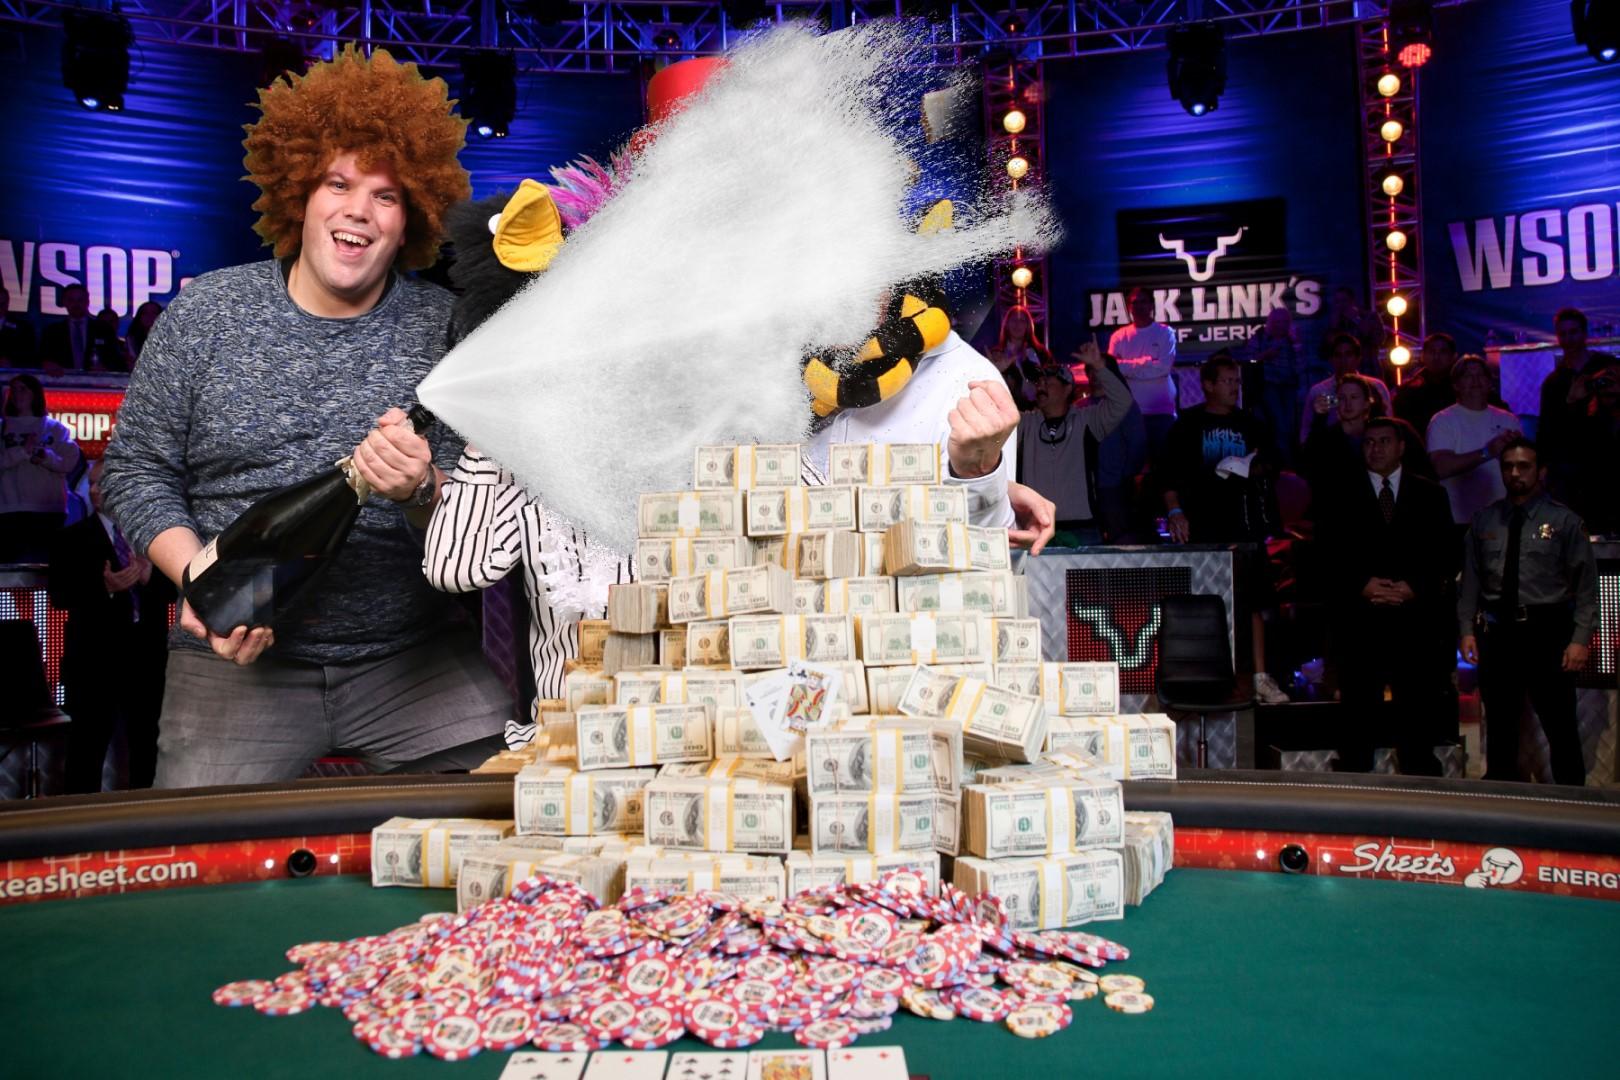 Green screen fotostudio met casino achtergrond en grote stapel geld